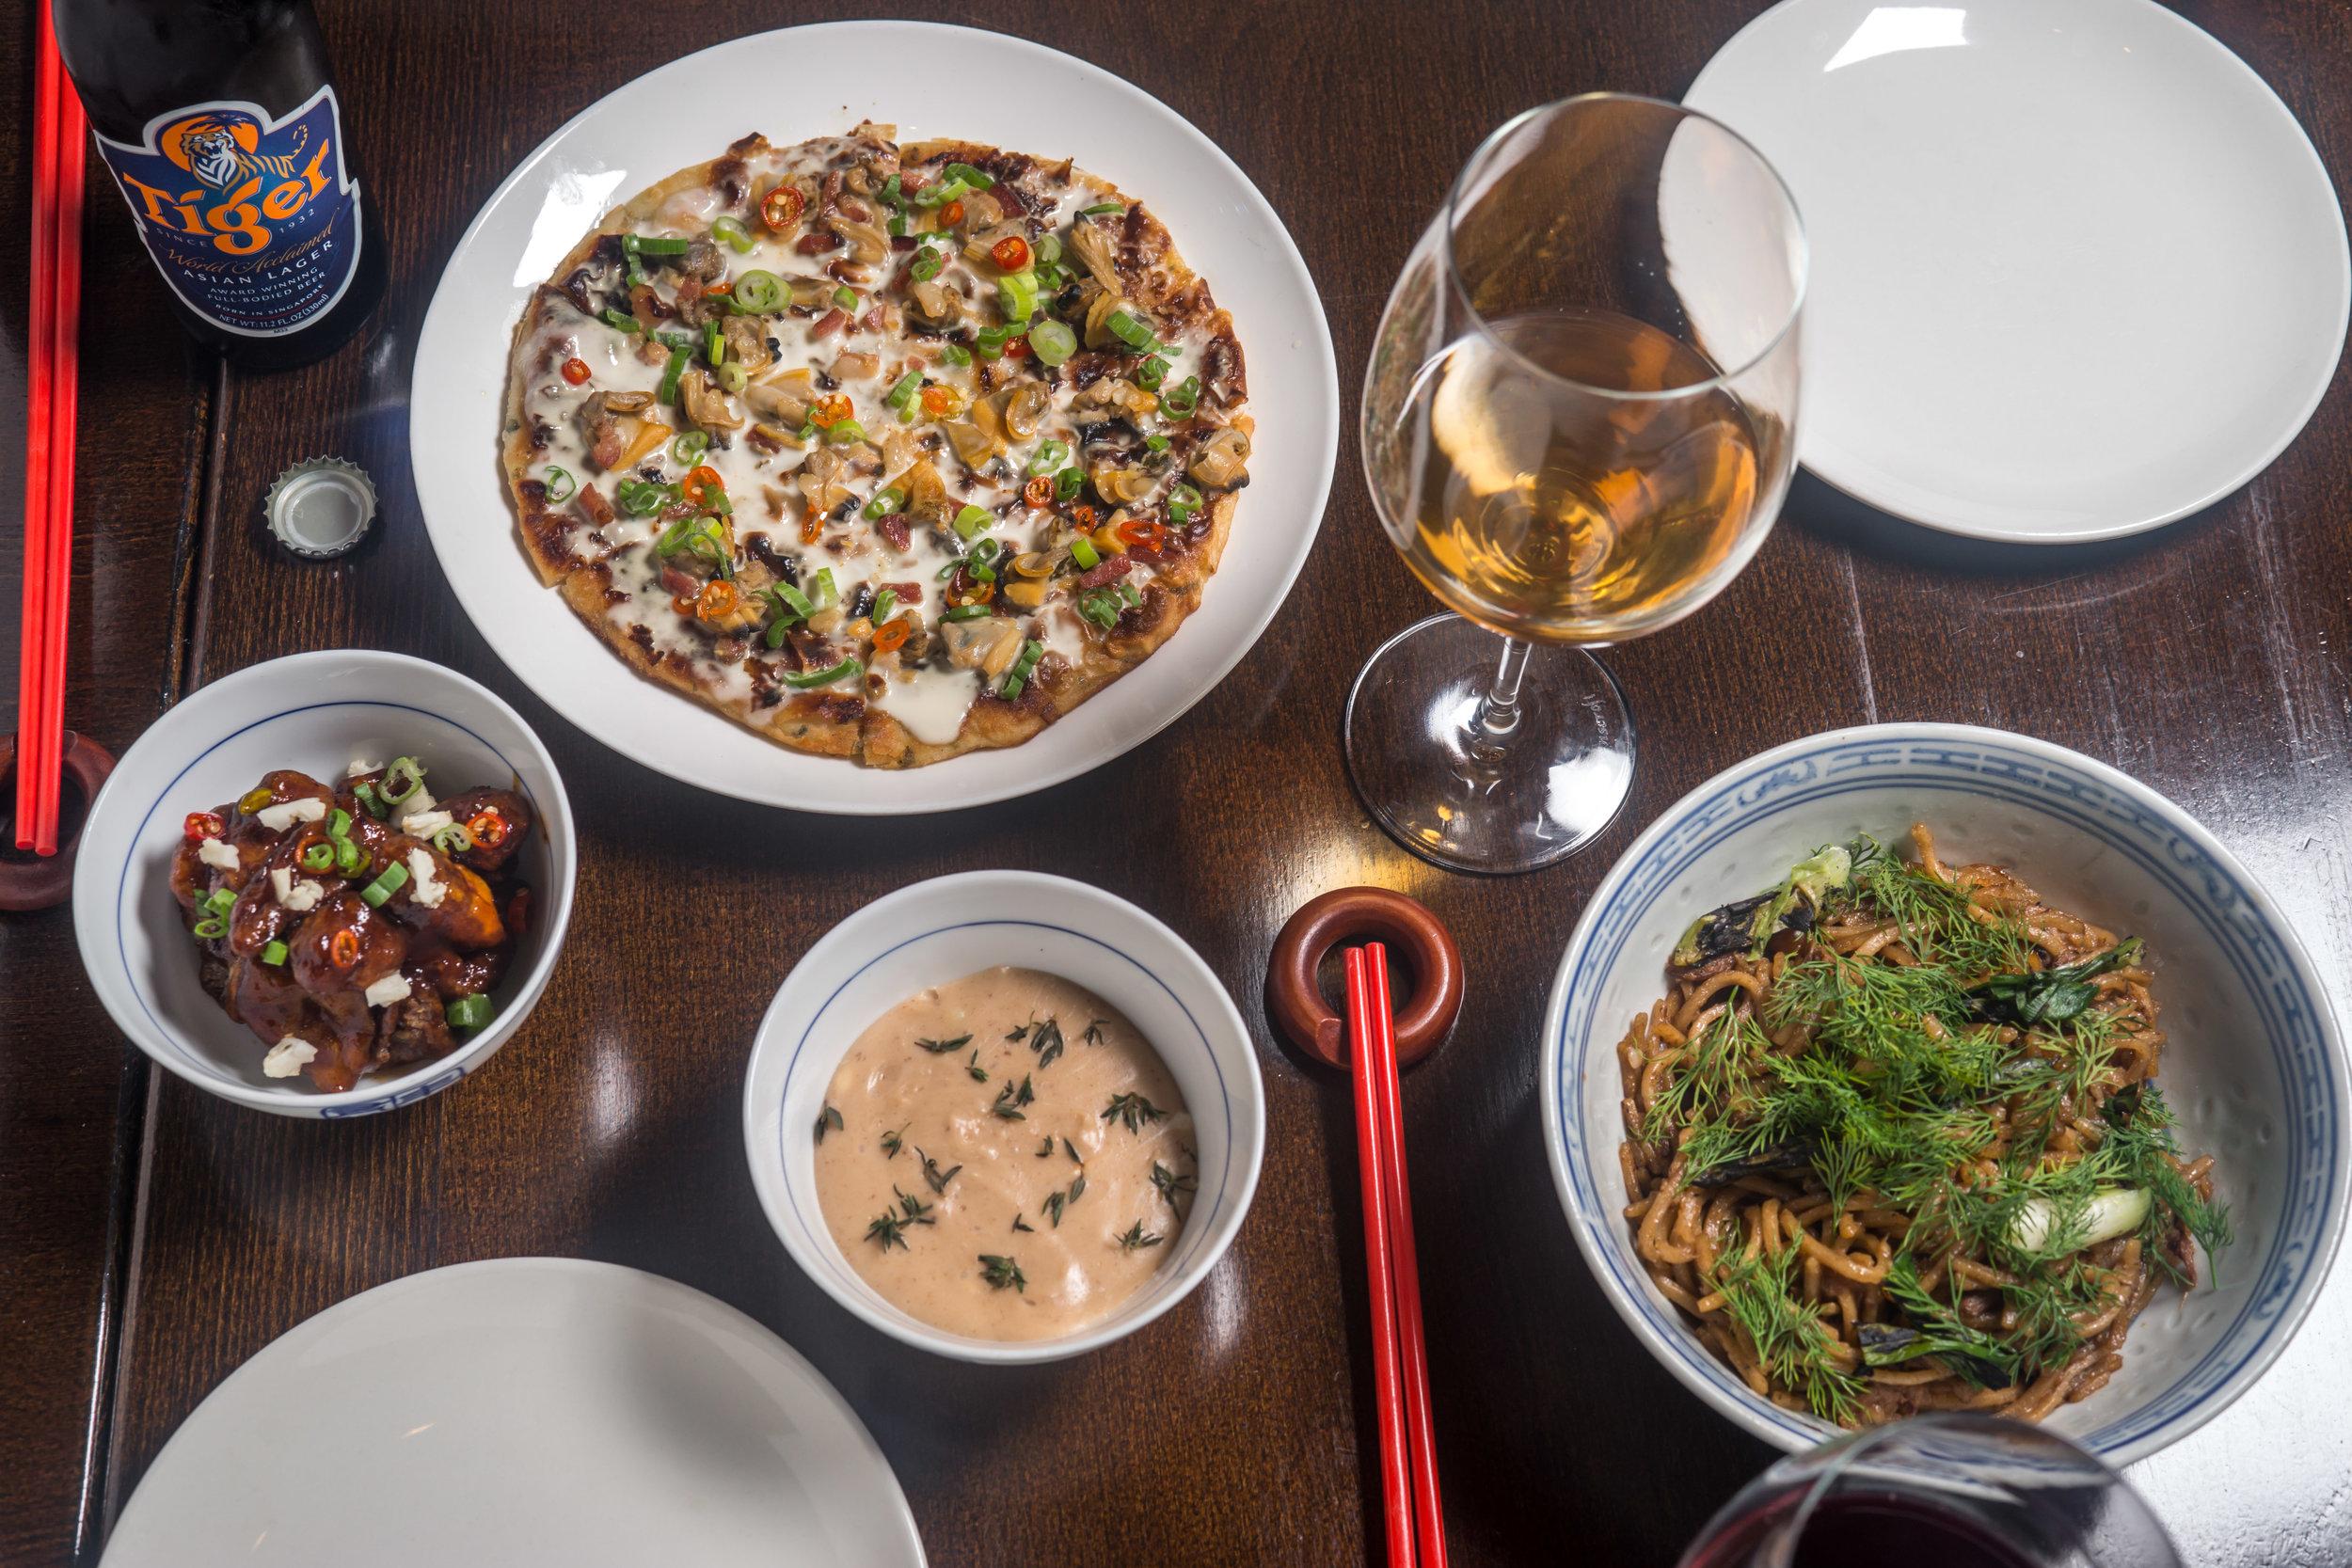 Nom Wah Tu Feast Meets West Sophie Maarleveld Phillip Szabados Chinese Food Beverage Pairing